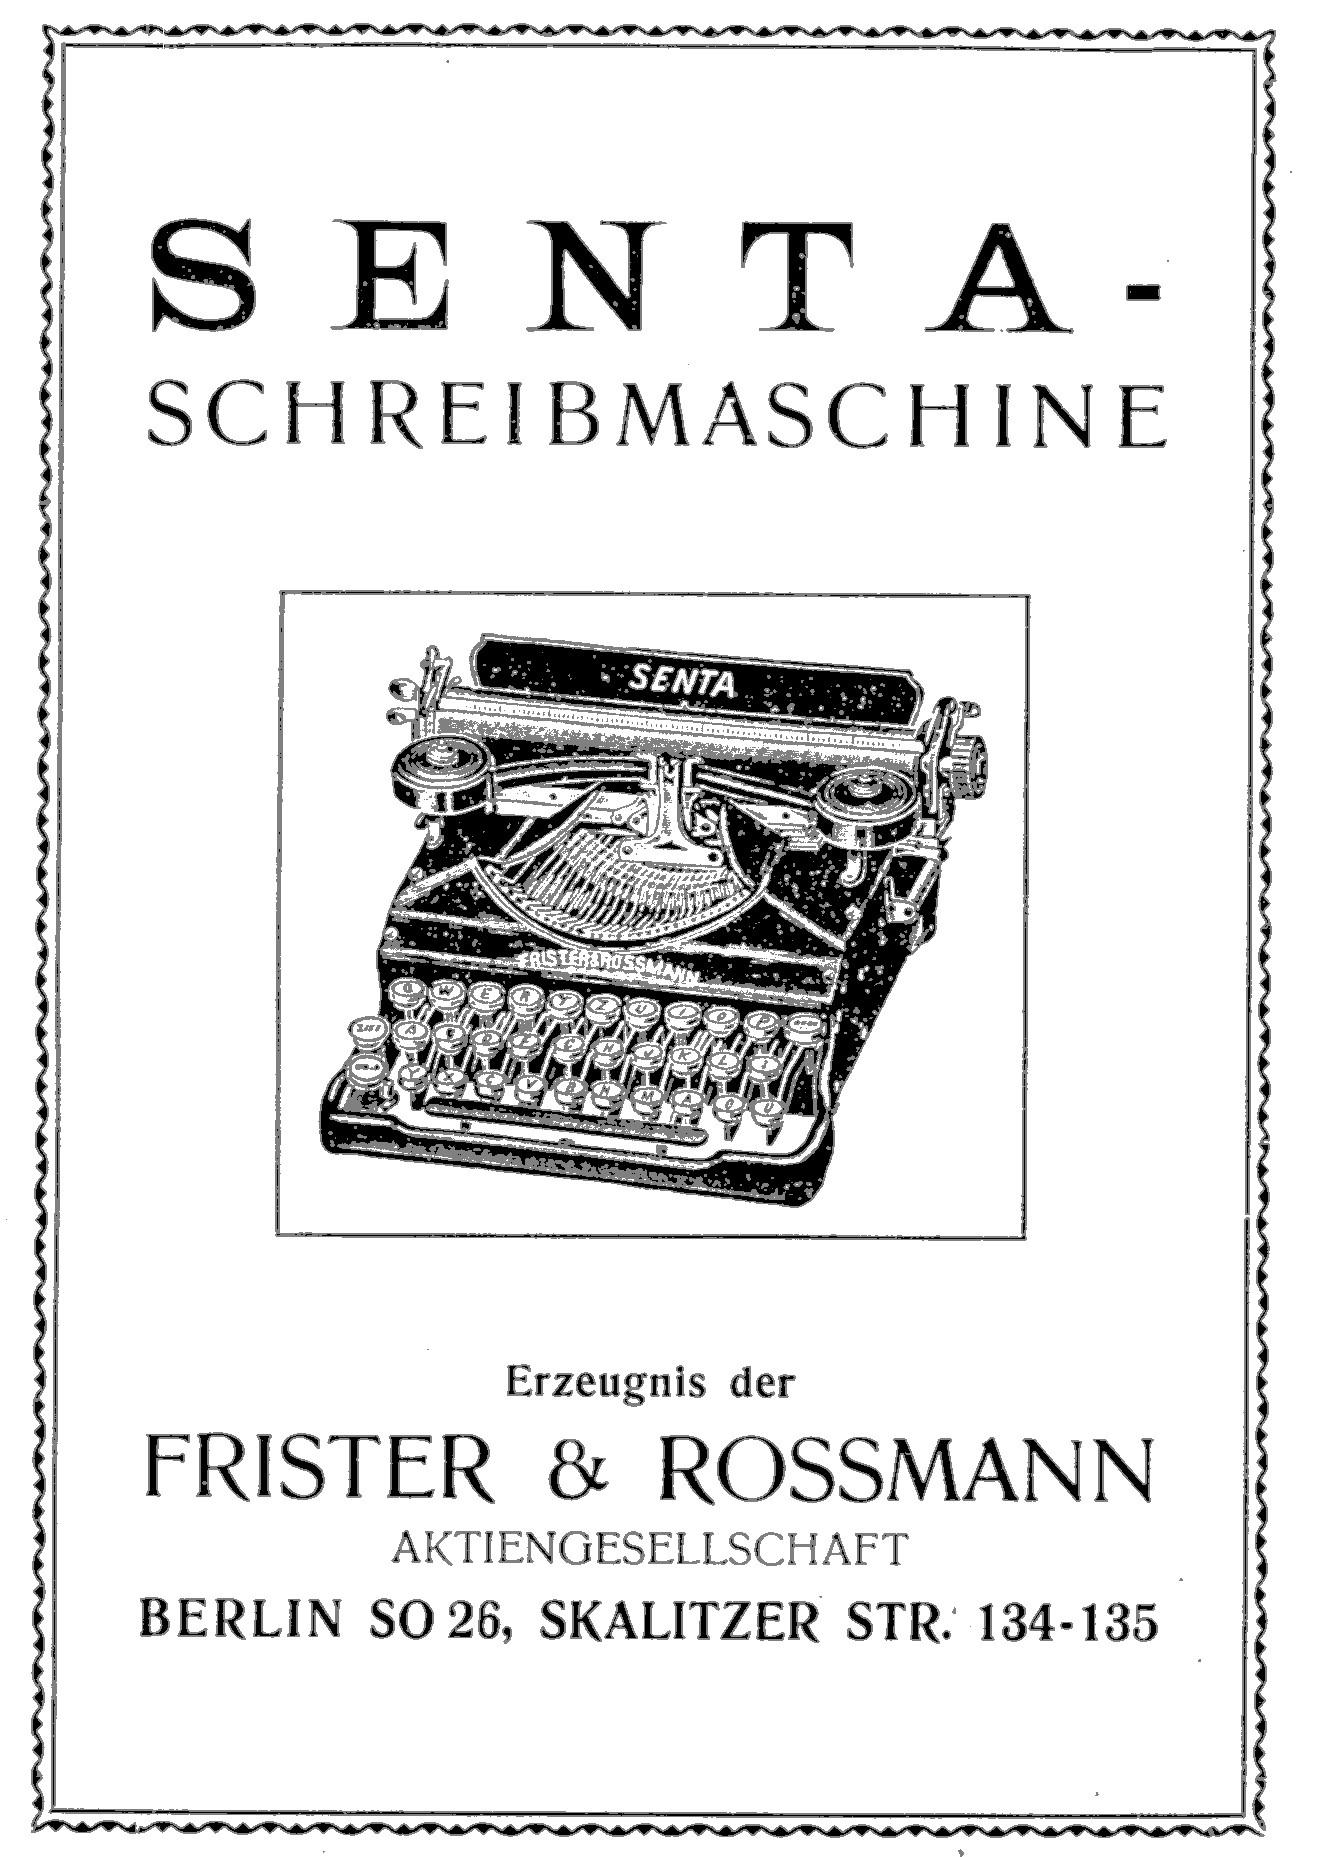 Senta Frister & Rossmann